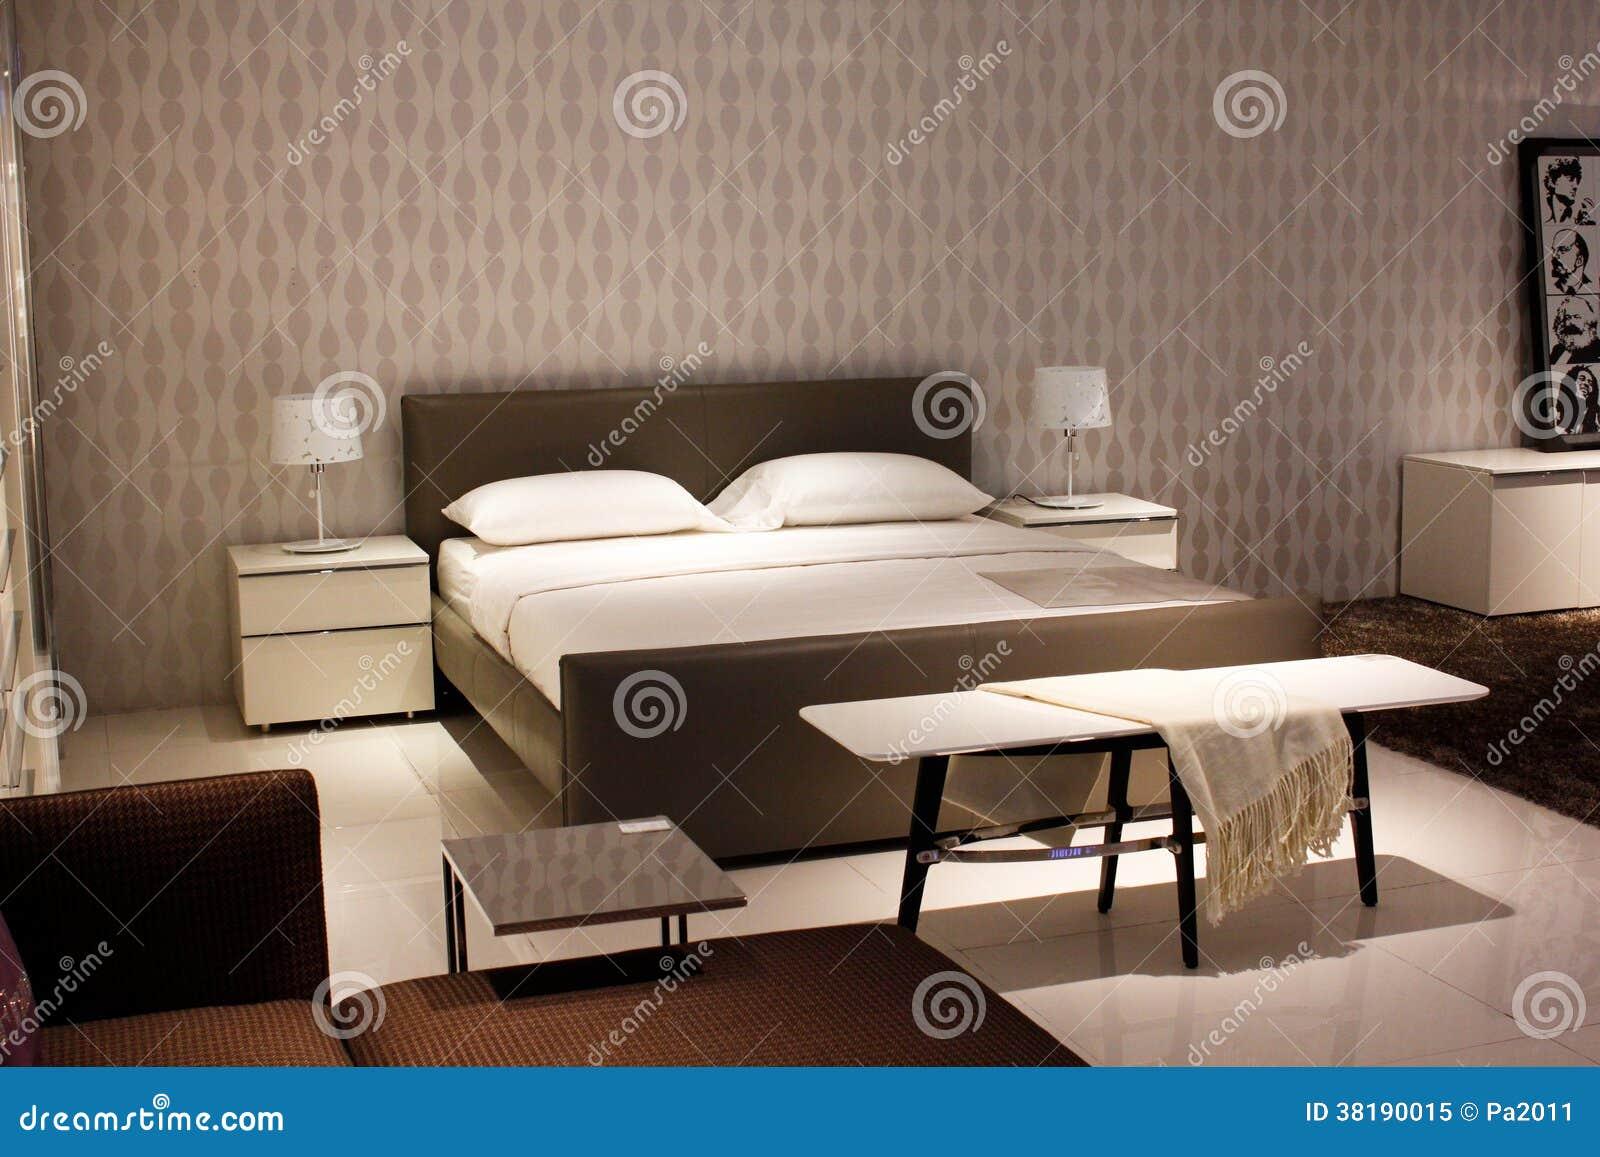 Meubles modernes chinois de style   chambre à coucher photo libre ...